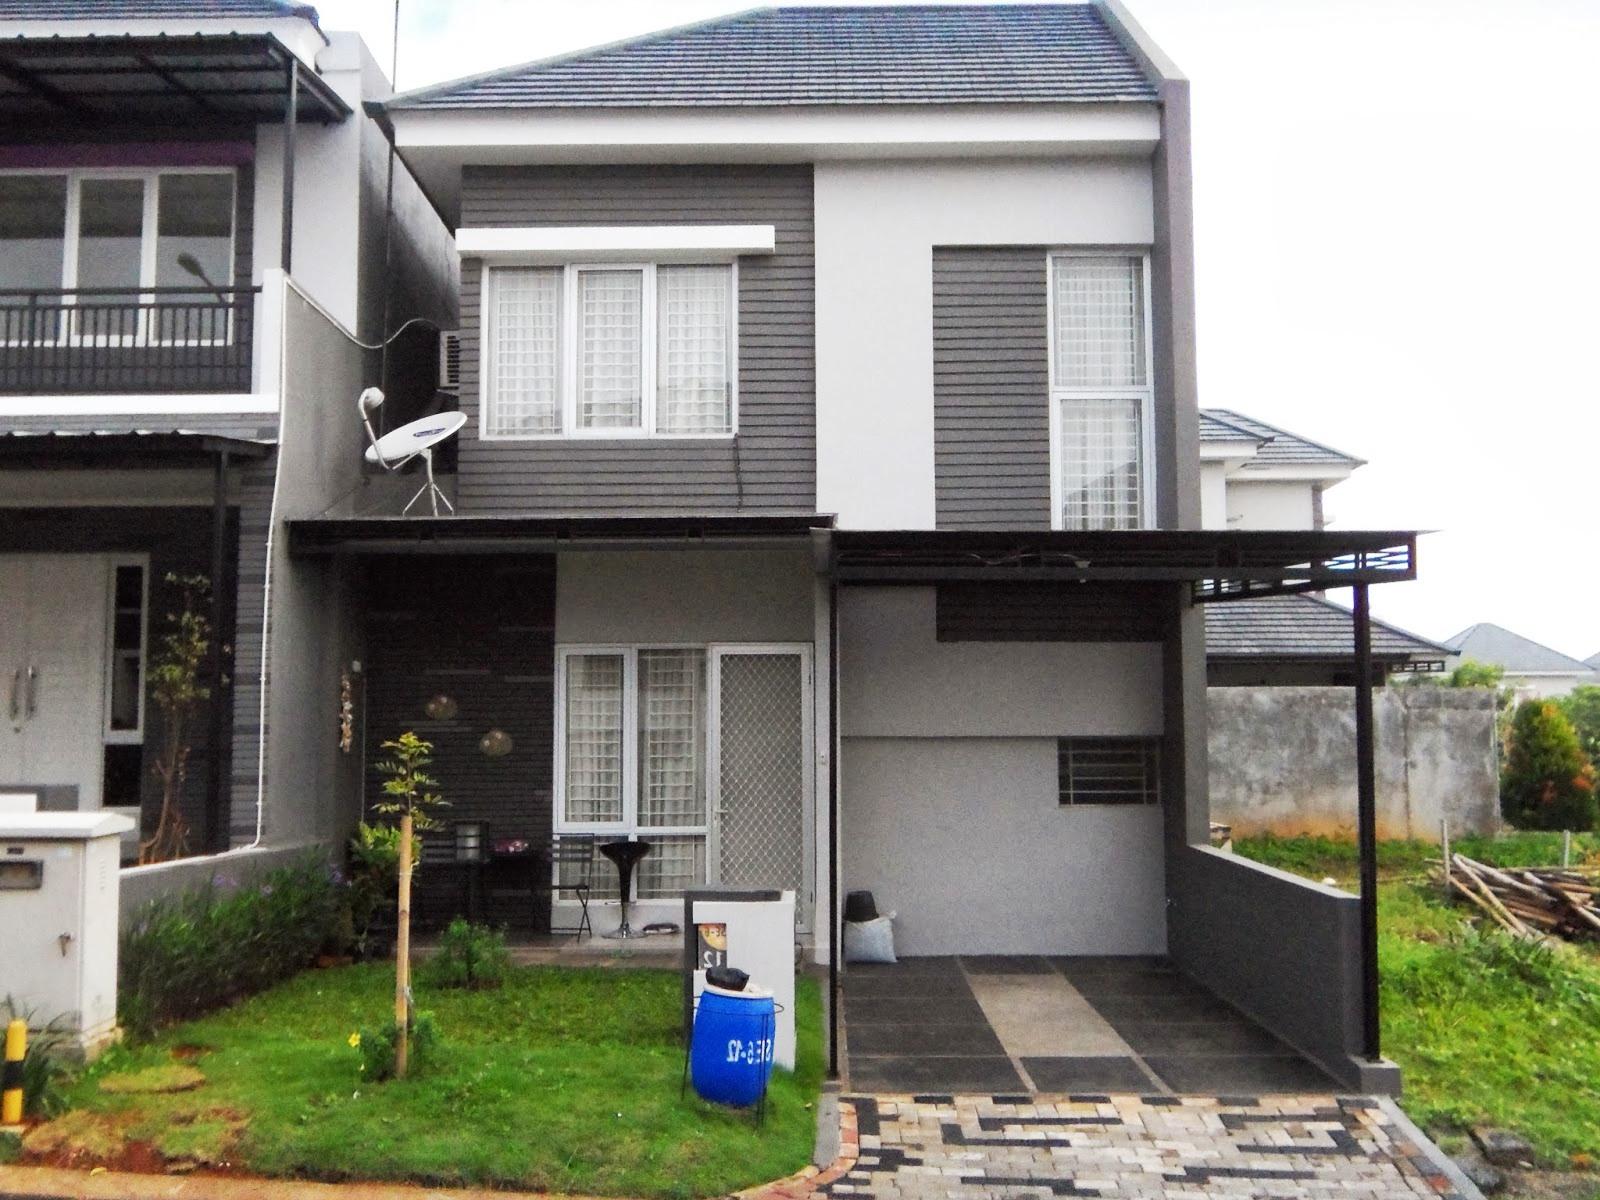 70 Desain Rumah Type 45 Minimalis 1 Lantai 2 Lantai